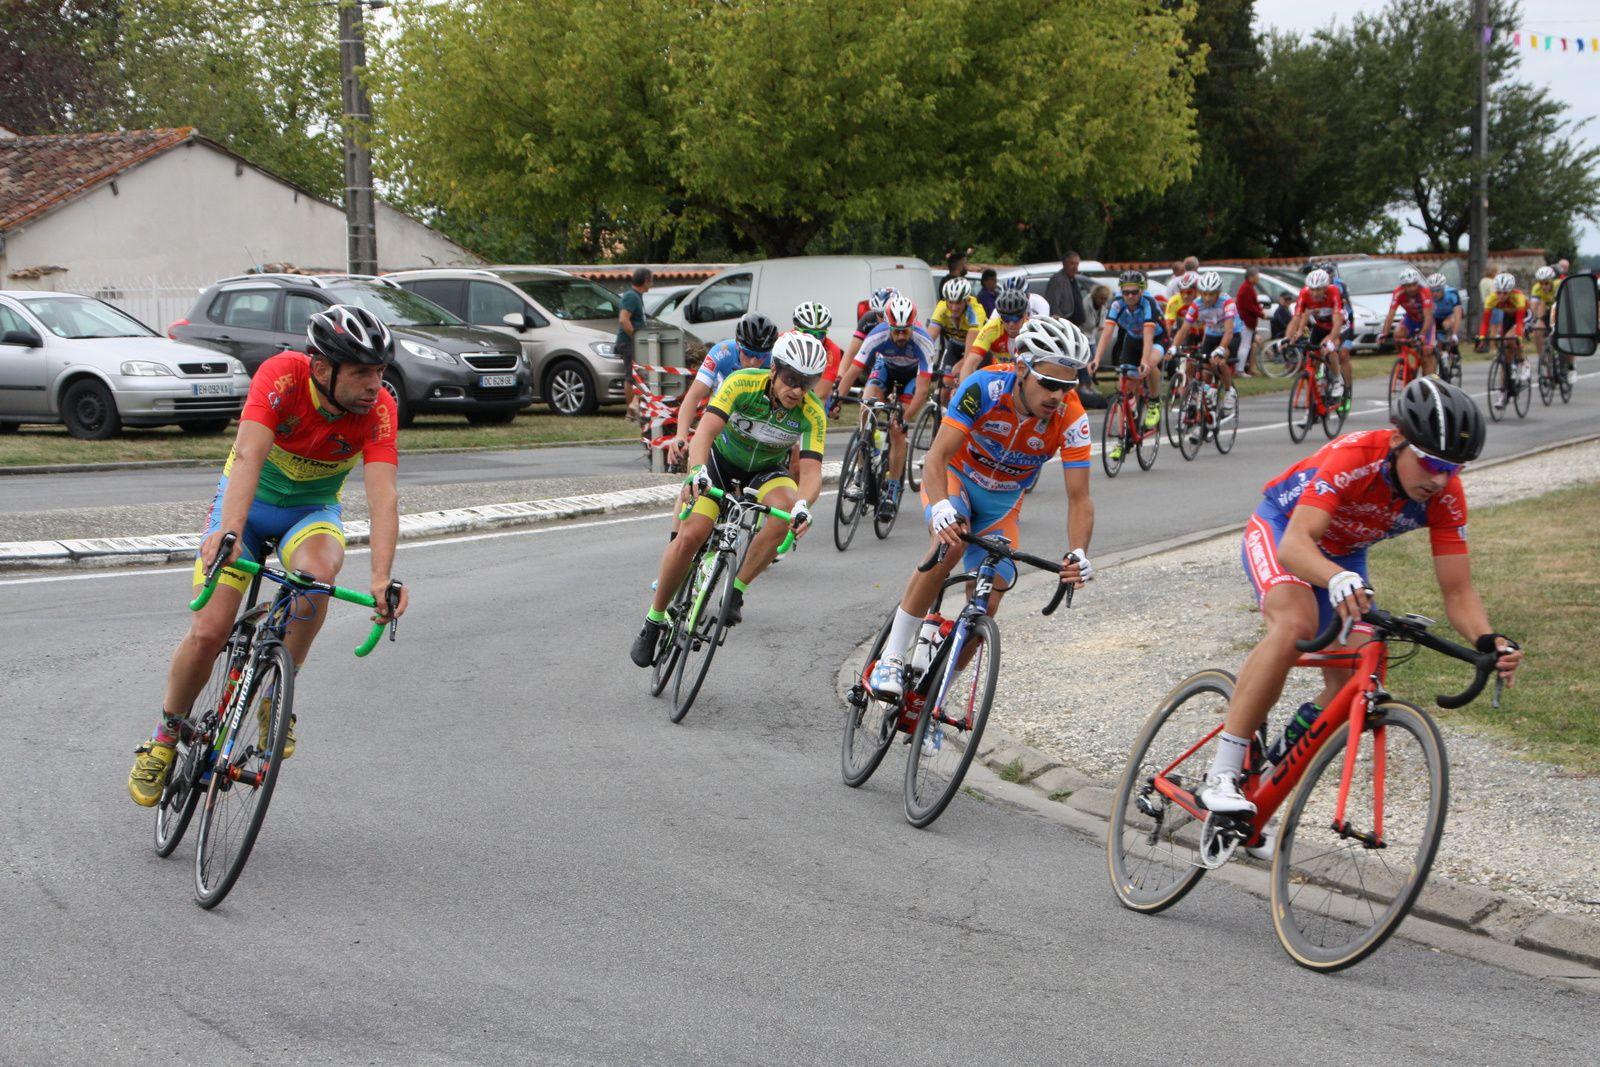 Dans  le  groupe  de  tête  le  coureur  au  maillot  vert  semble  le  plus  actif  devant  Quentin  FOUSSARD  et  Jérome  SUBRA, Pascal  PERROCHEAU  est  partit  en  contre